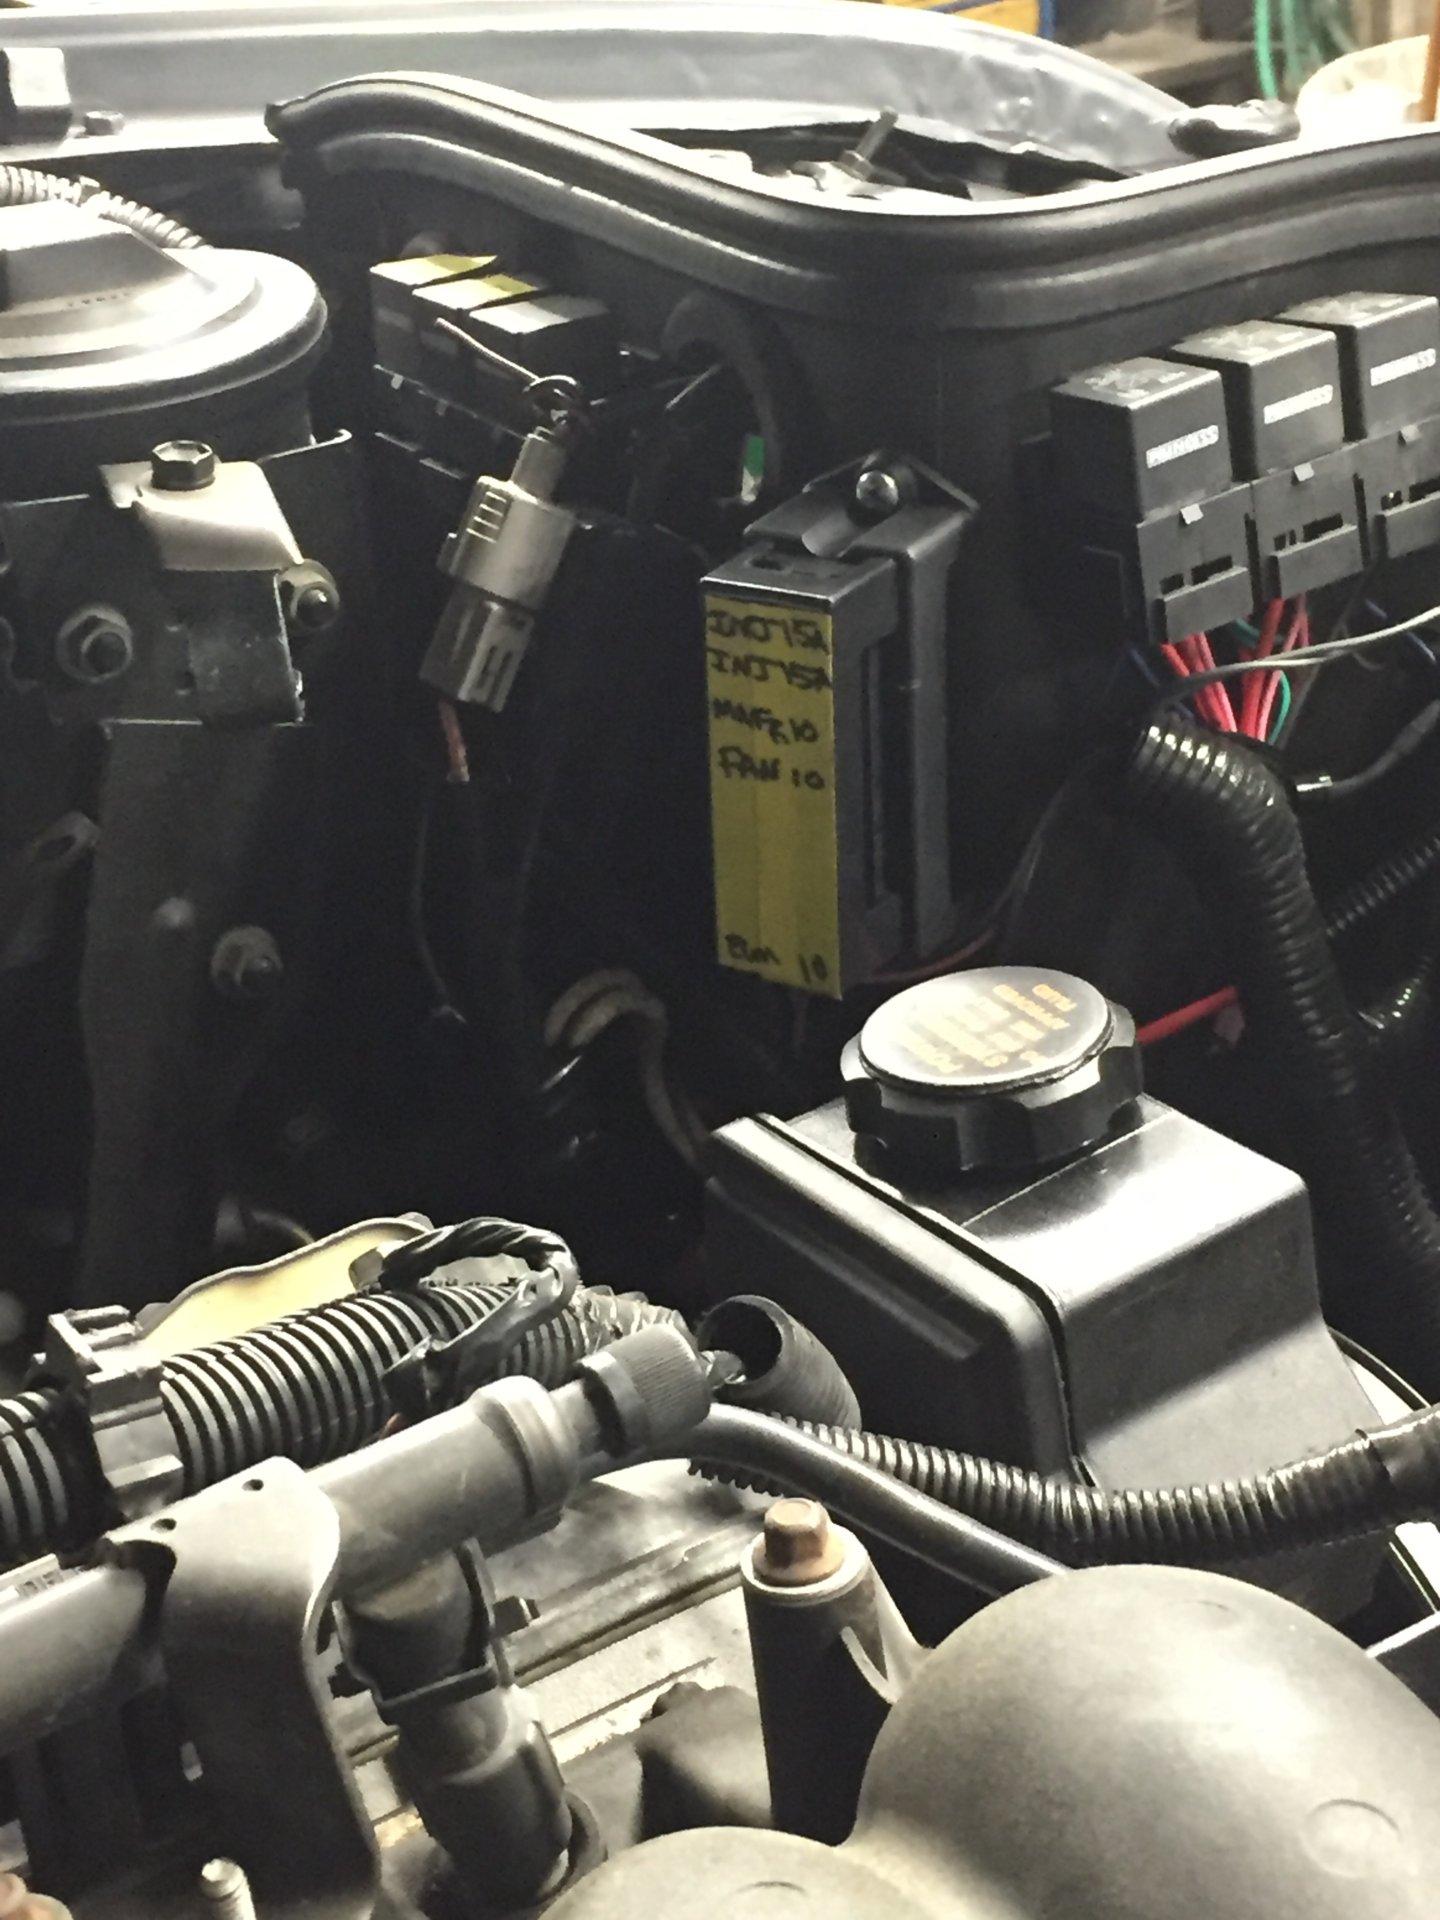 31ECC97D-B984-4859-AAD5-2A7A9E61D99D.jpeg